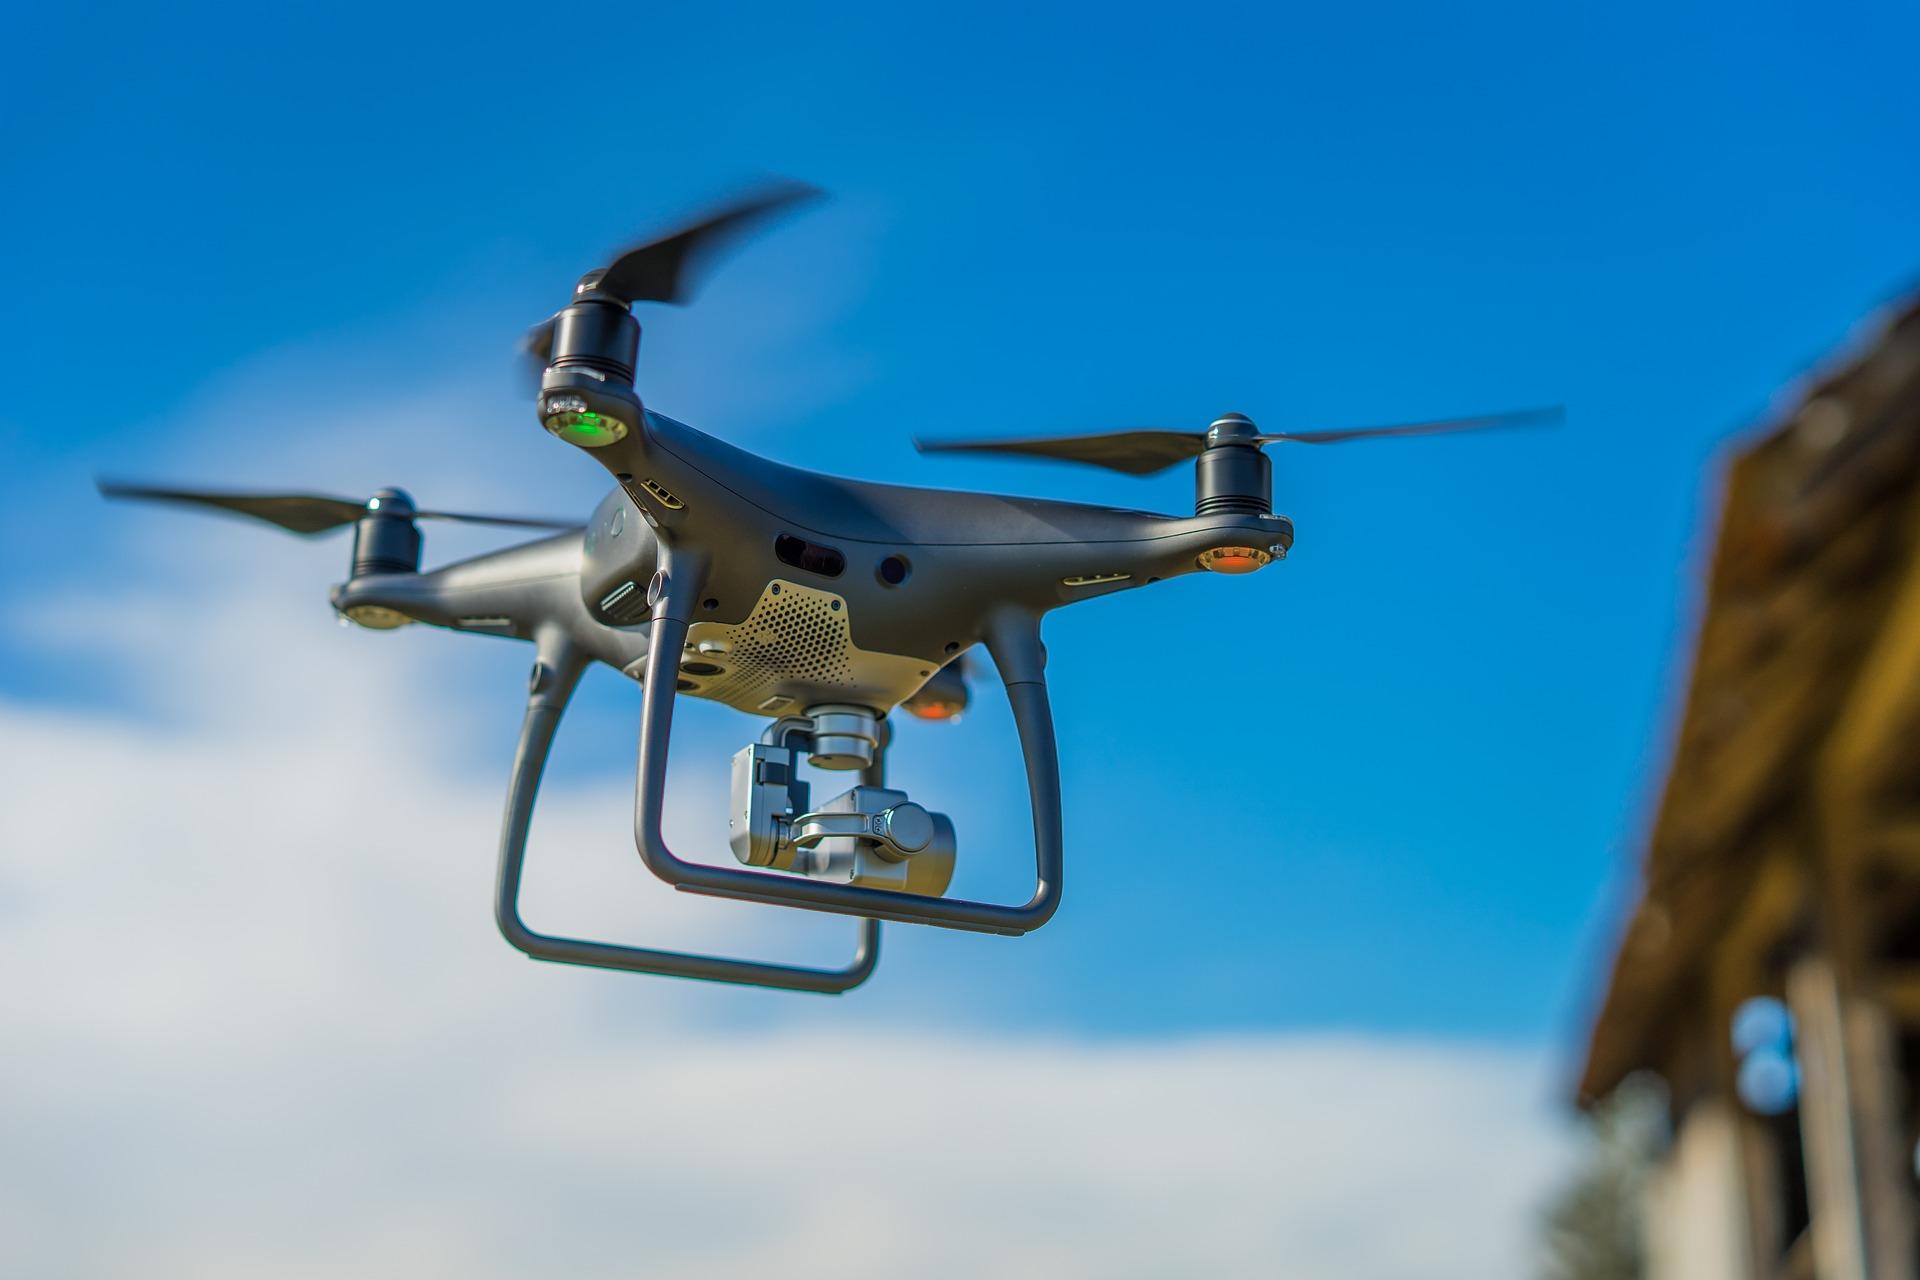 drone-3198327_1920